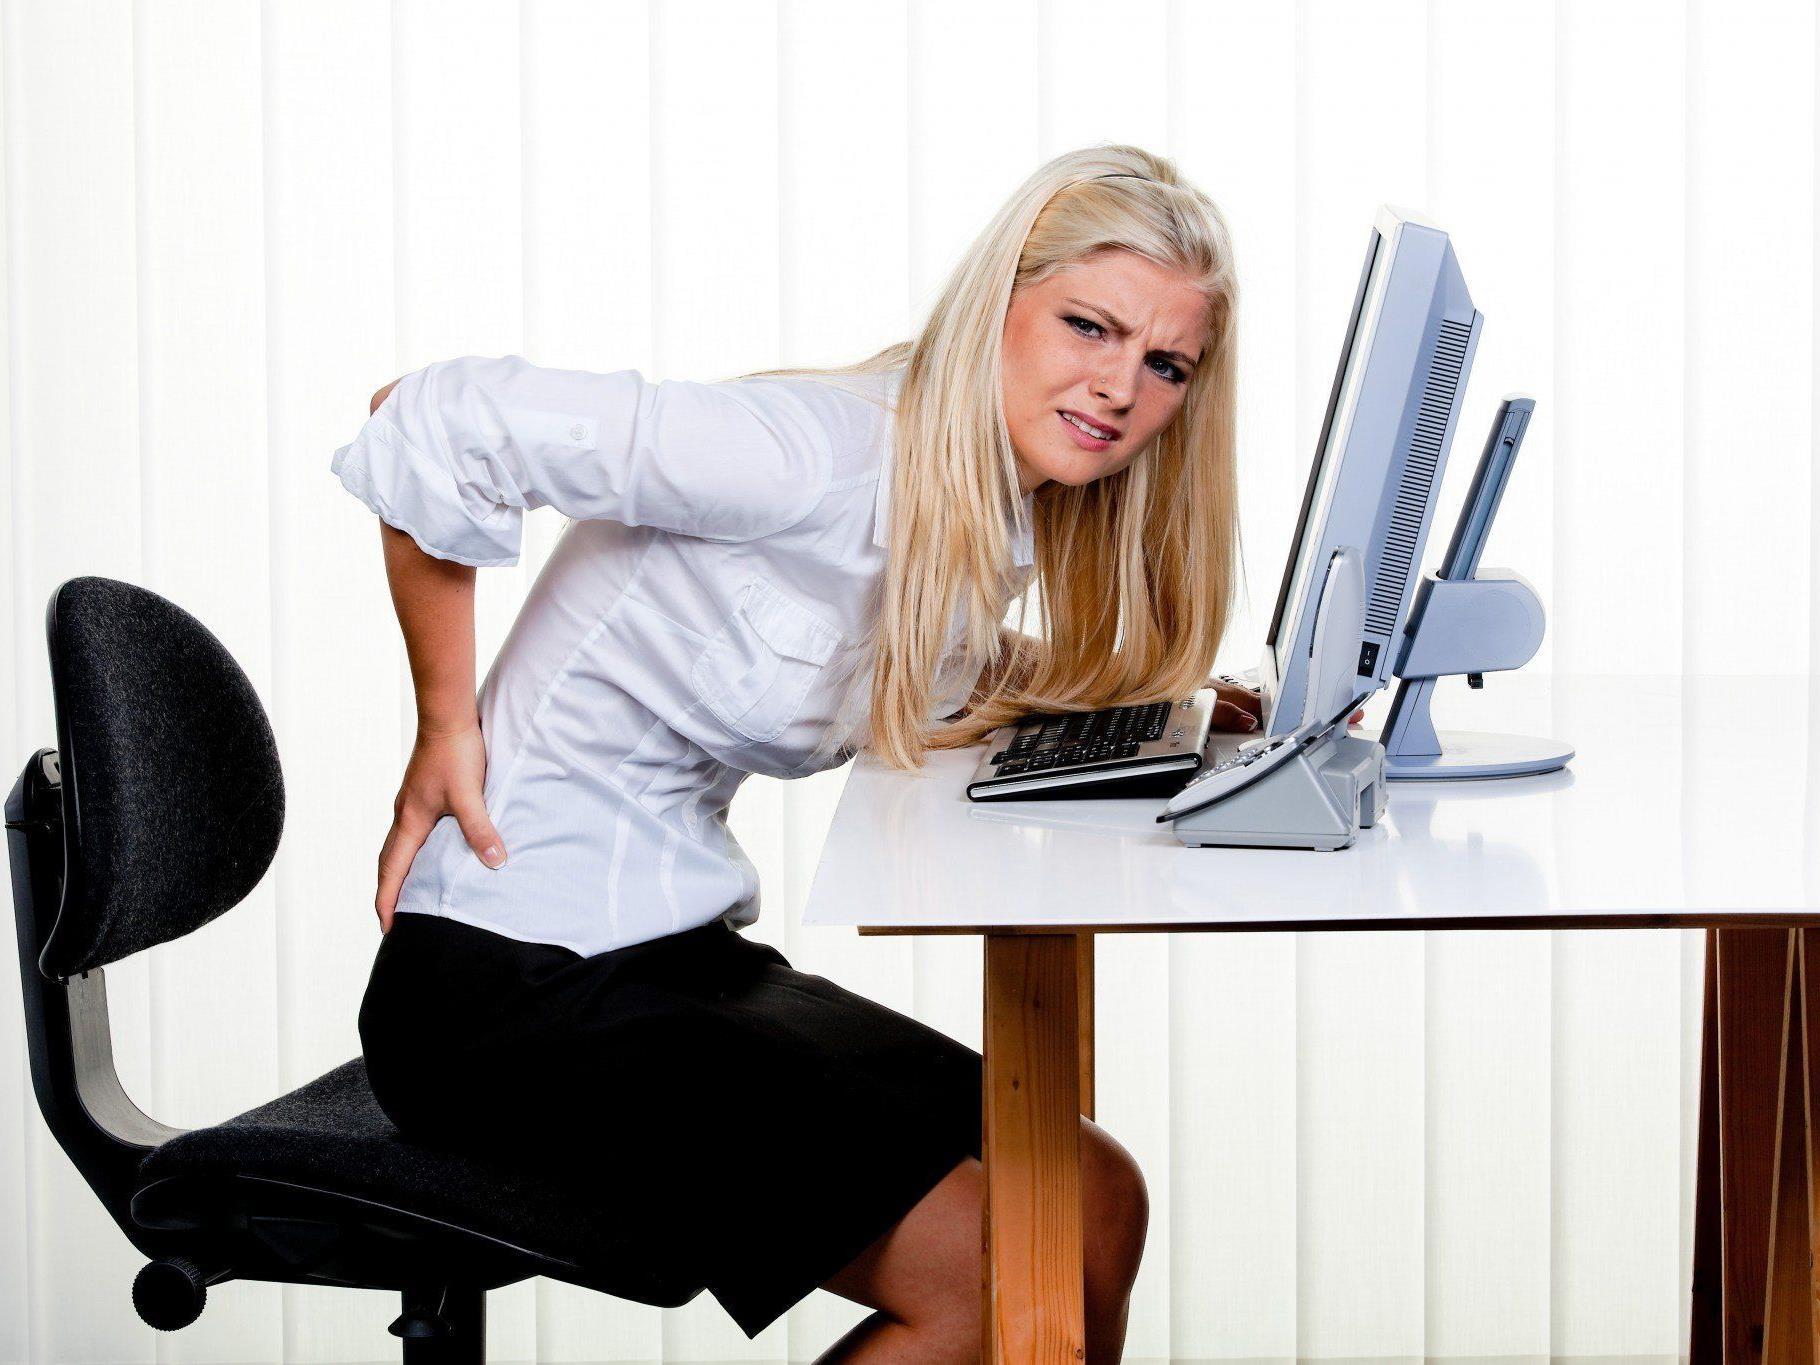 Ein Viertel der Arbeitnehmer klagt über Rückenschmerzen, beinahe noch einmal so viel über Muskelschmerzen